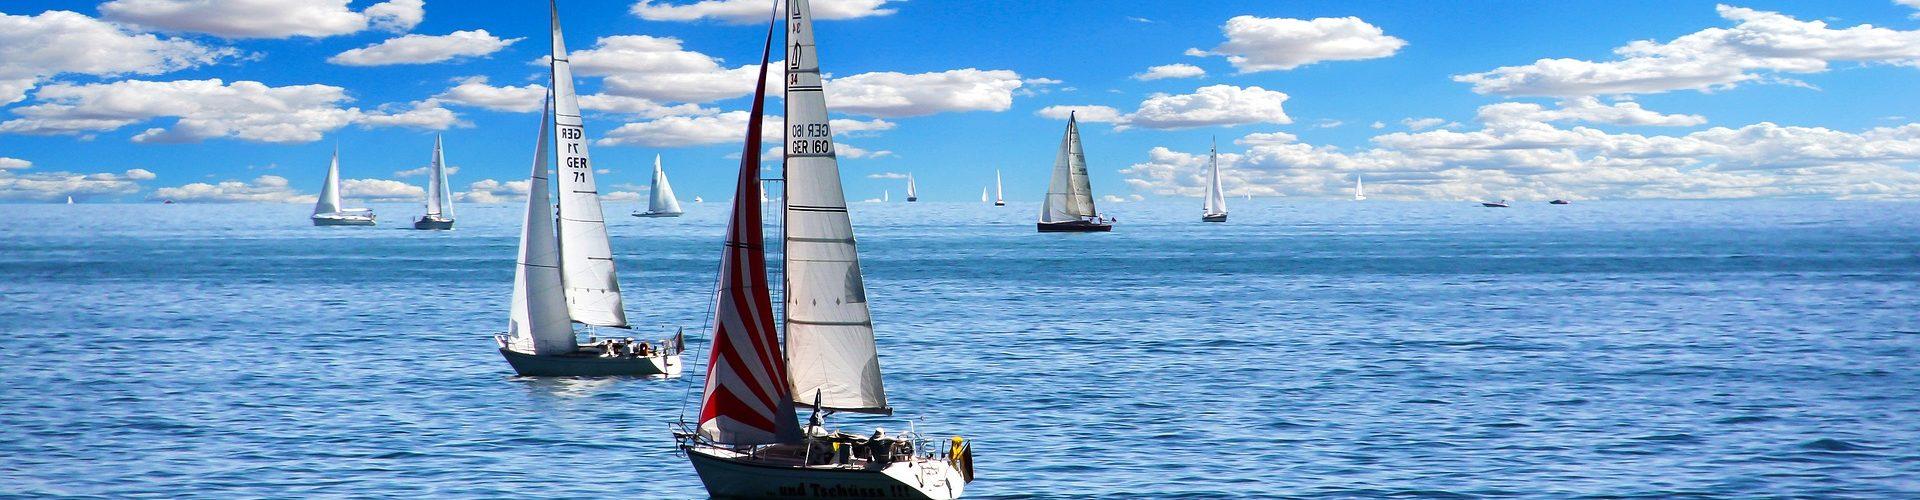 segeln lernen in Seehof segelschein machen in Seehof 1920x500 - Segeln lernen in Seehof